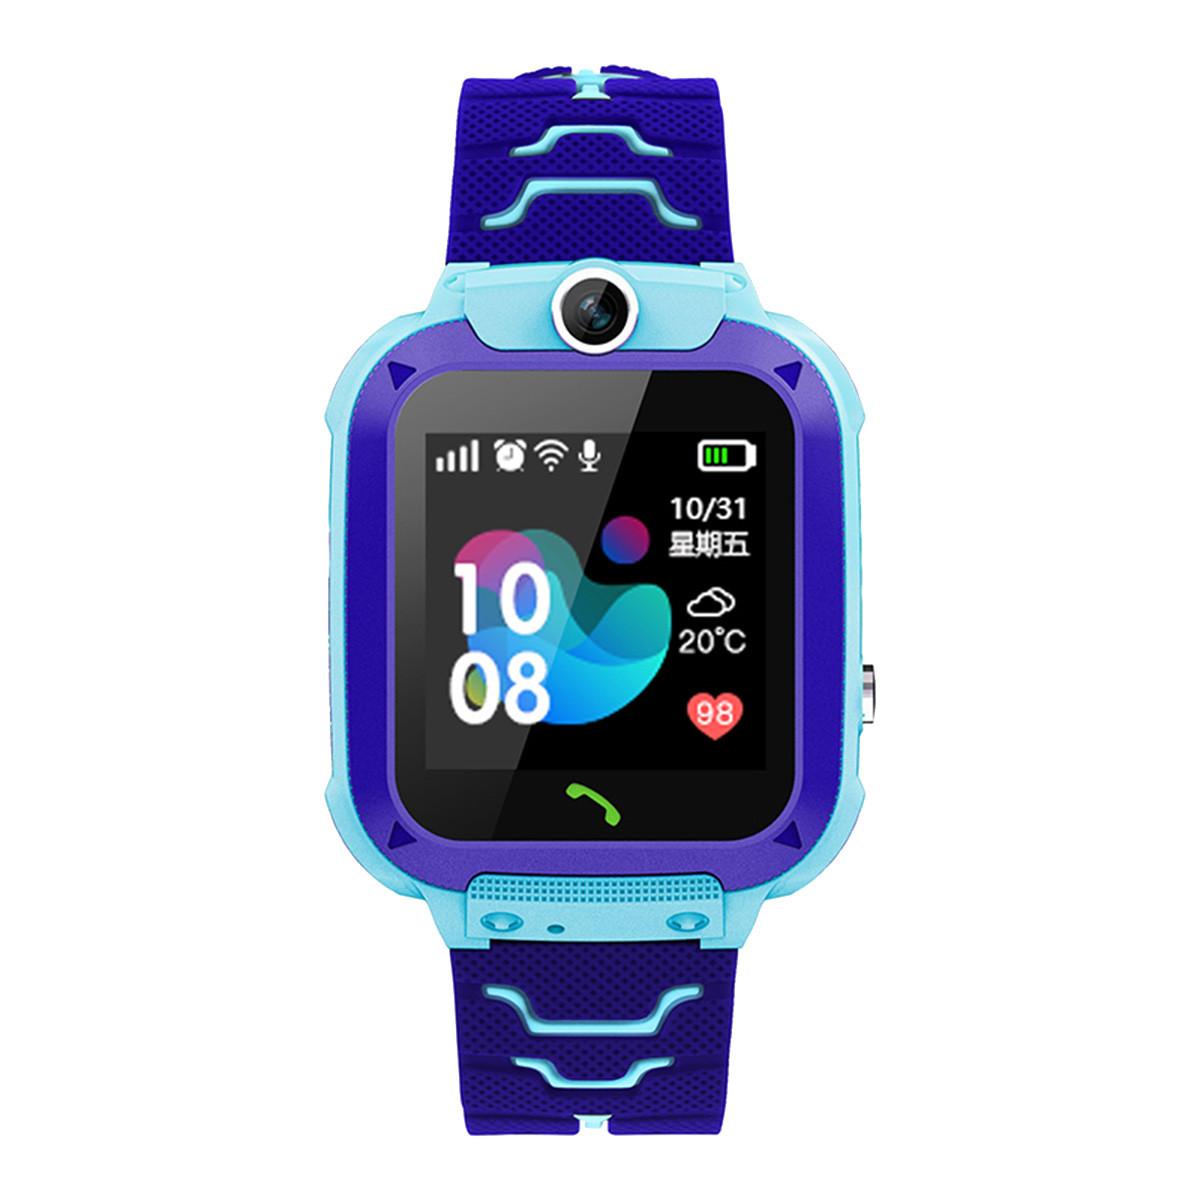 ATOUMU防水前置拍照定位插卡通话智能儿童电话手表移动版